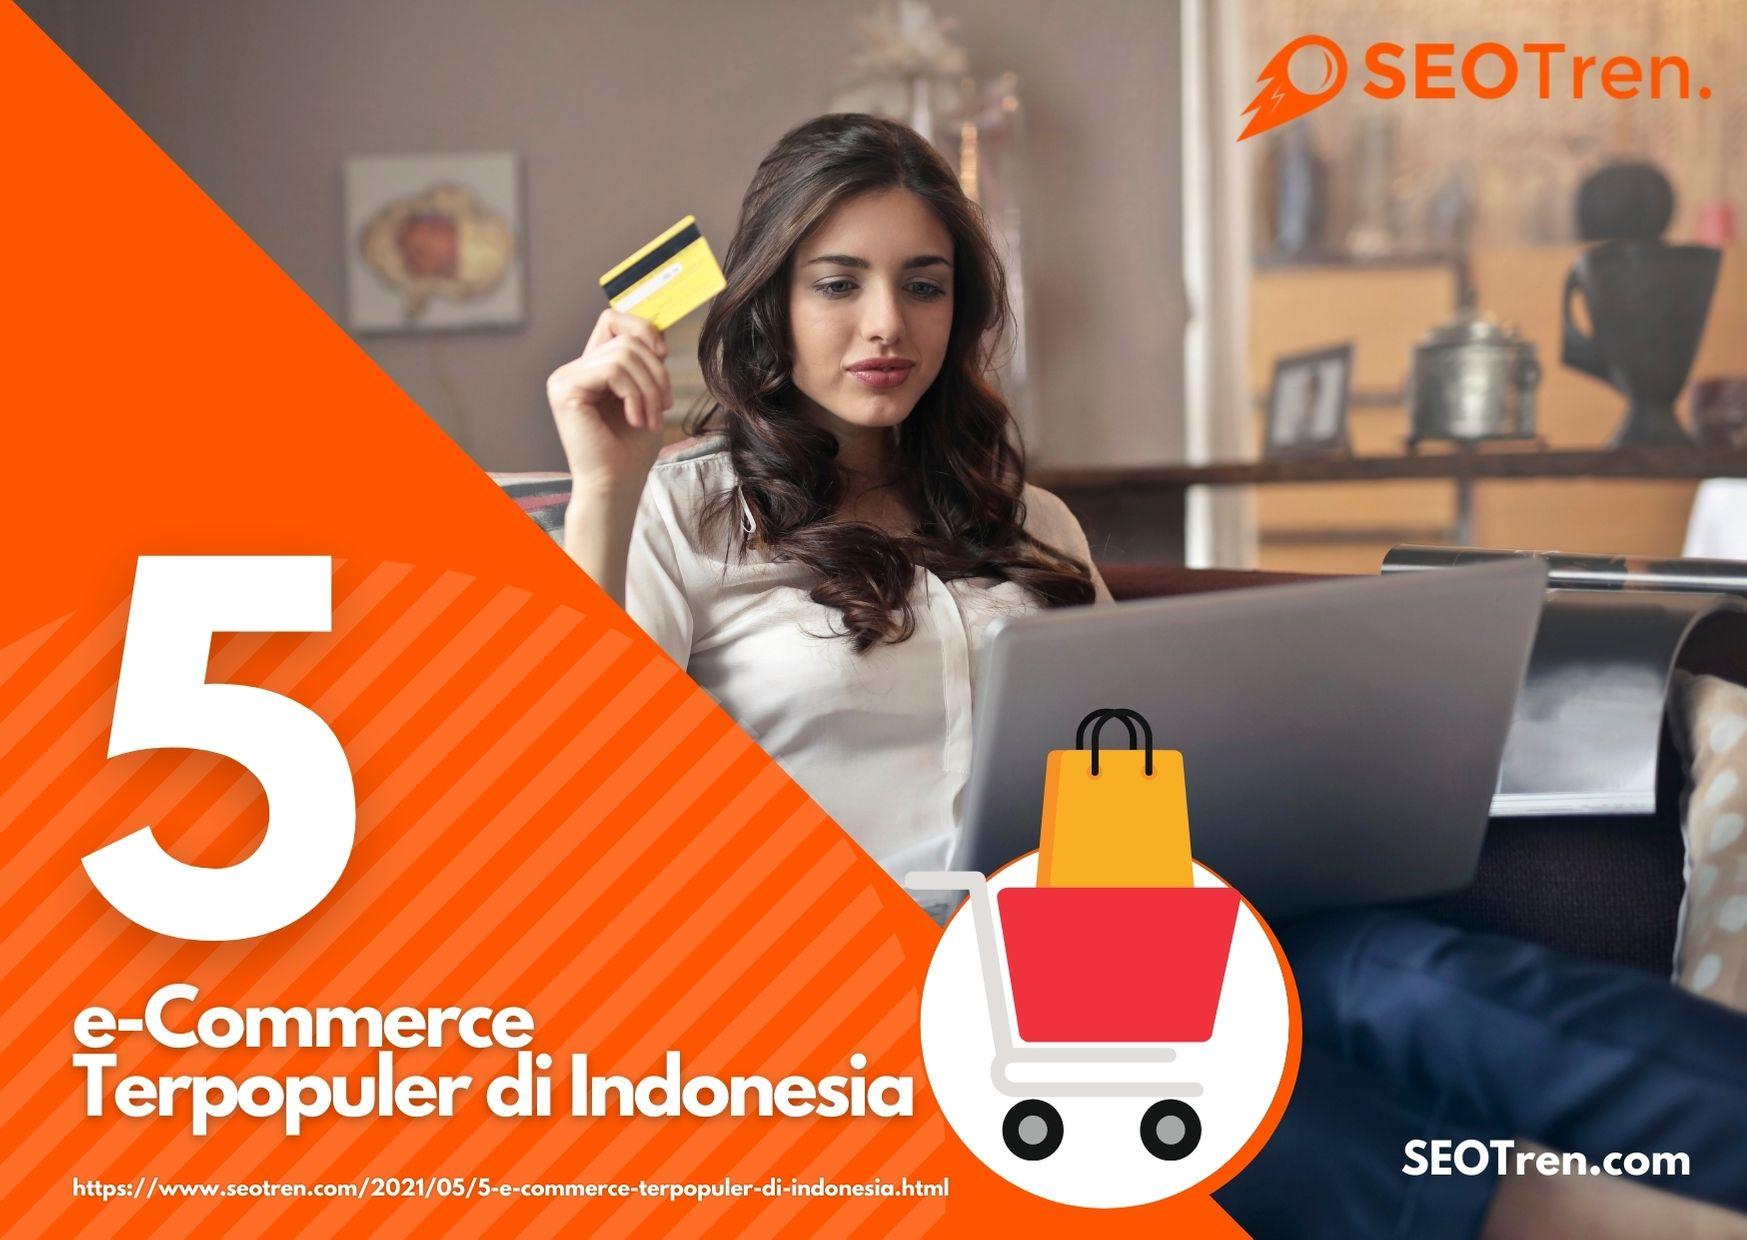 e-Commerce Terpopuler di Indonesia